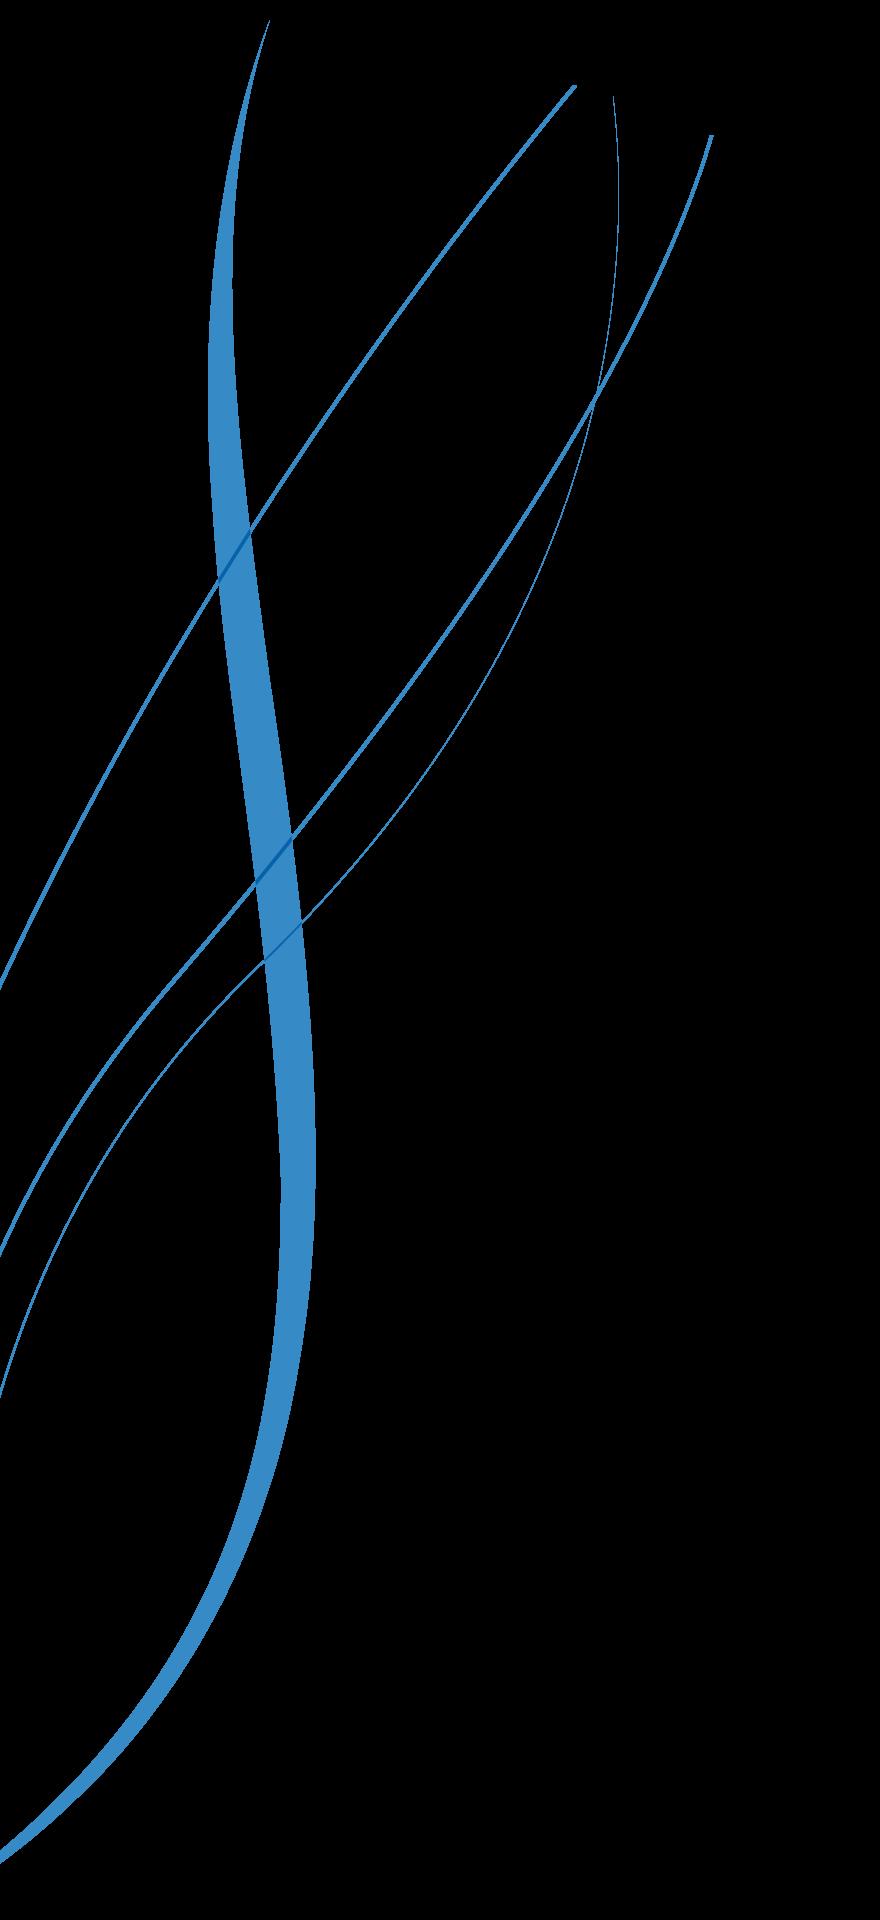 химчистка матрасов